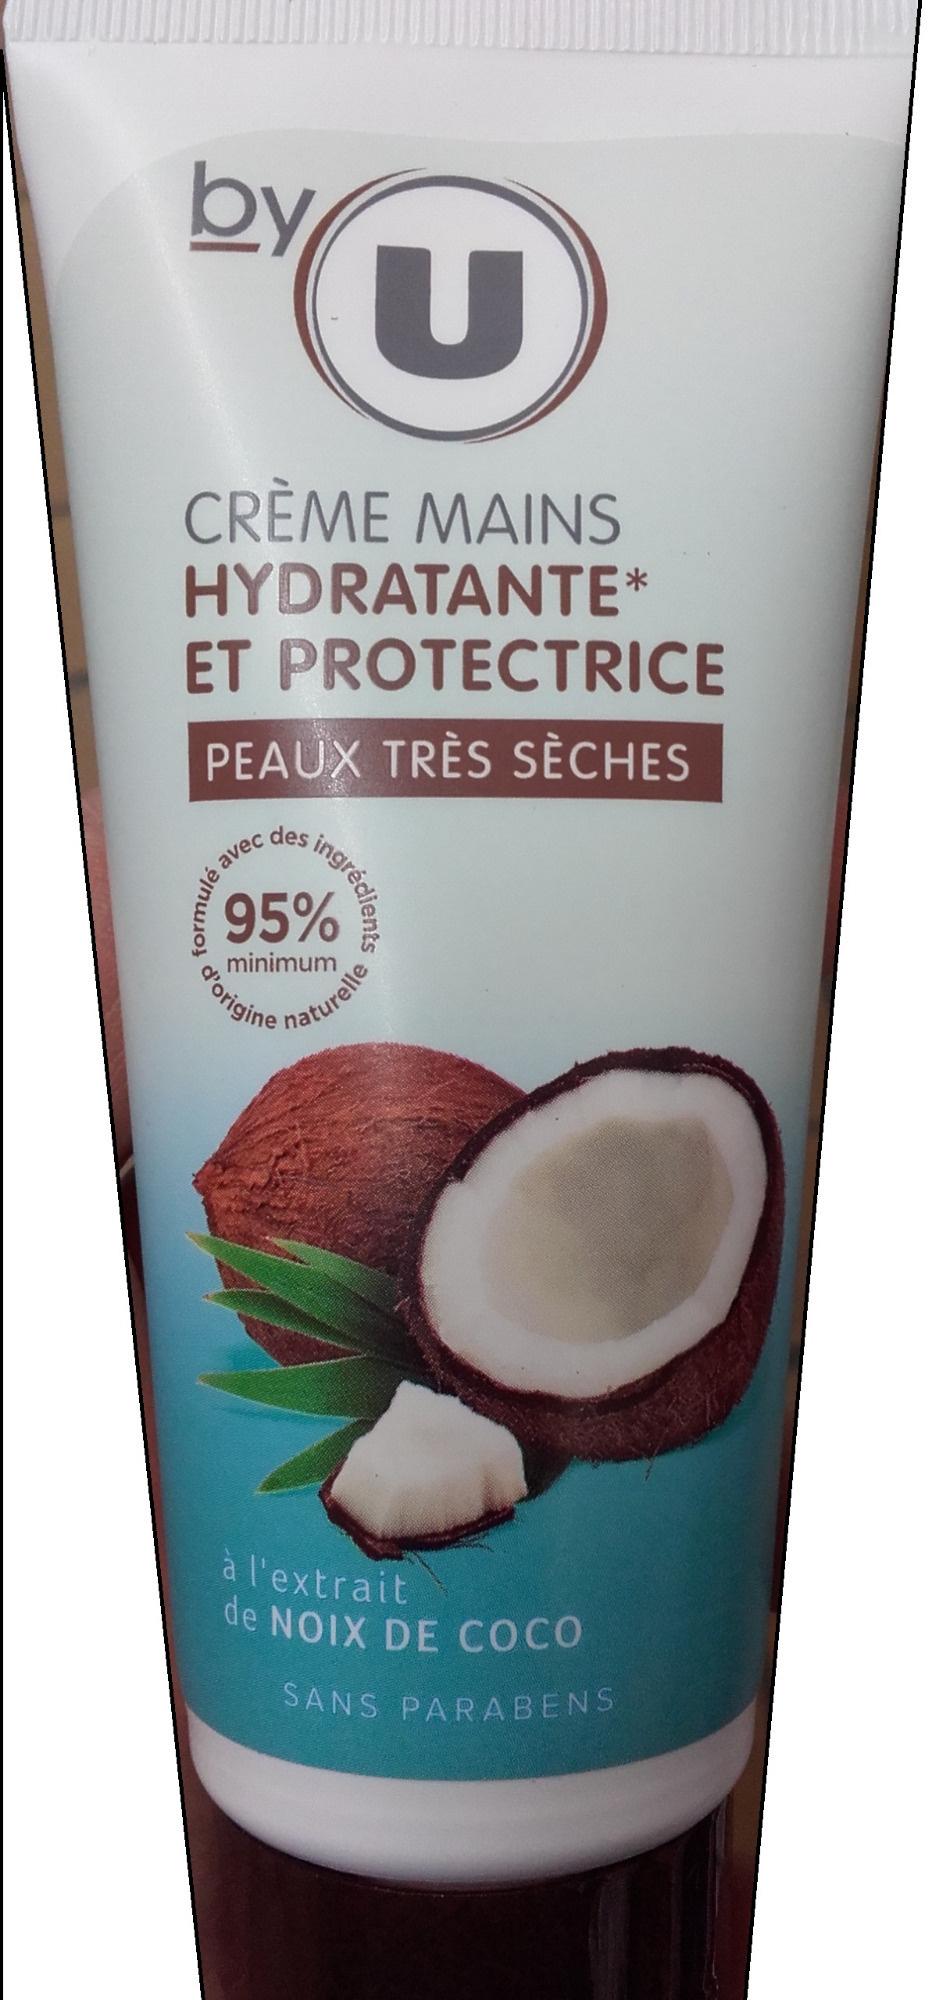 Crème mains hydratante et protectrice à l'extrait de noix de coco - Produit